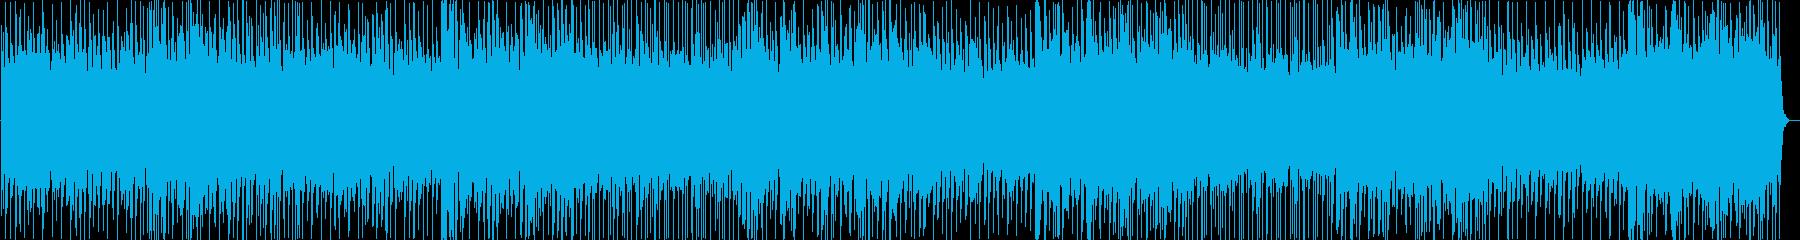 ニュース原稿読みBGM。エレクトロハウスの再生済みの波形